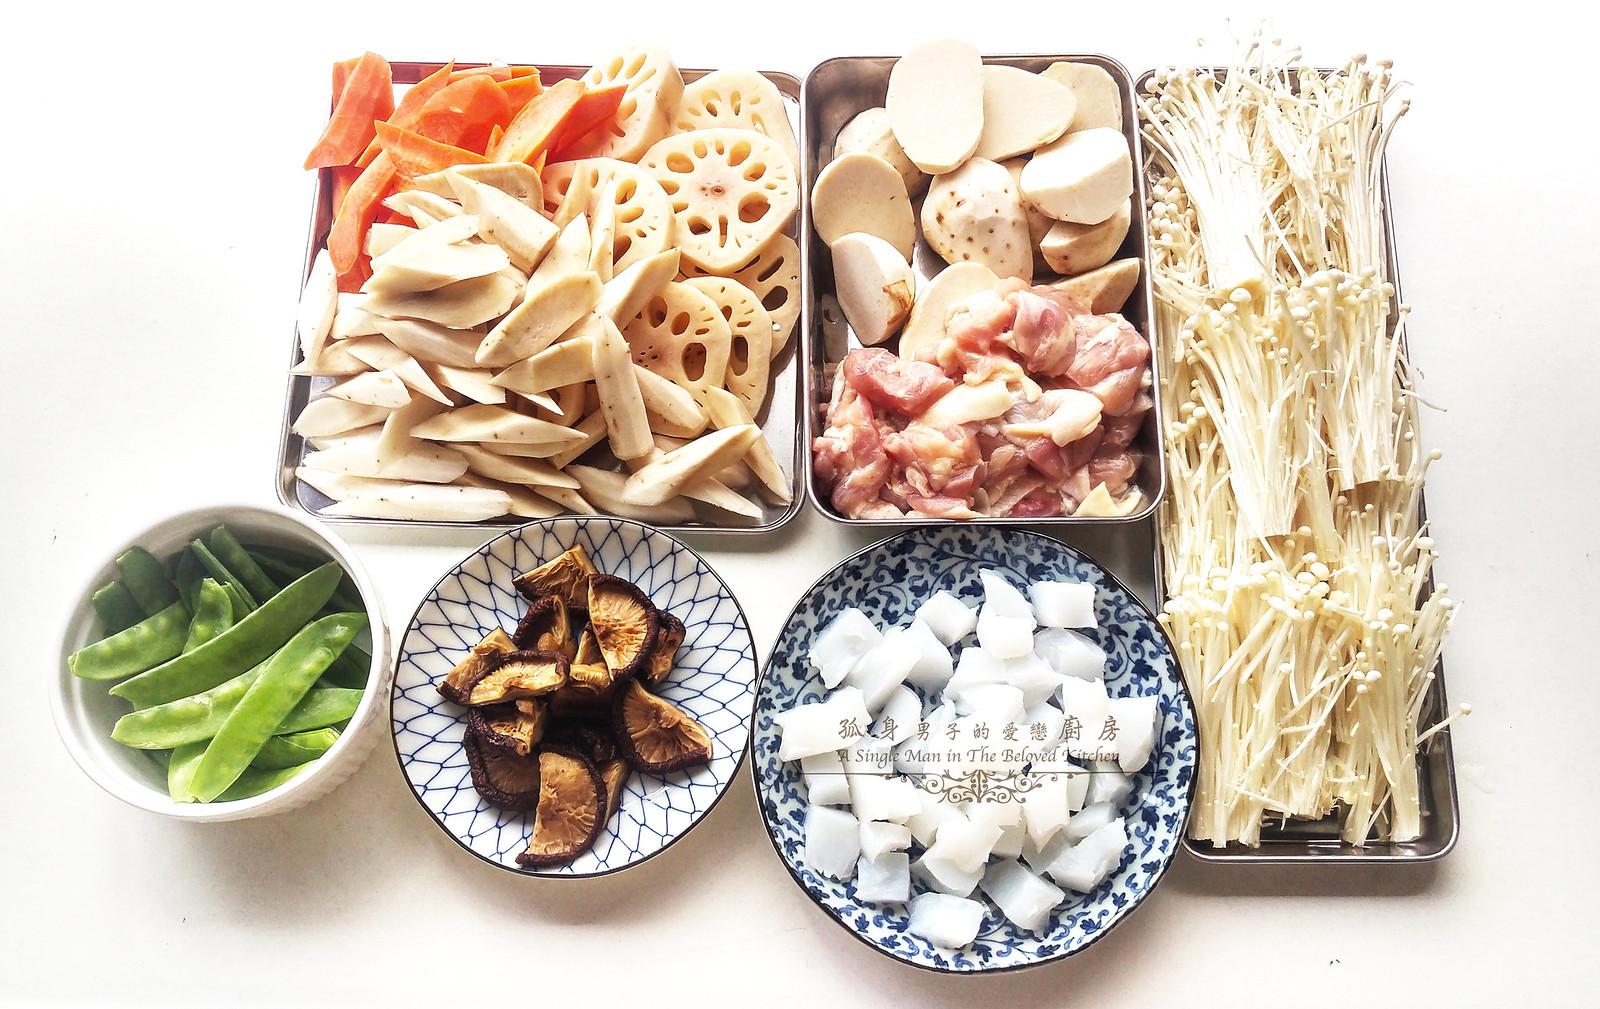 孤身廚房-食譜書《常備菜》試作——筑前煮、醬煮金針菇。甜滋滋溫暖和風味4